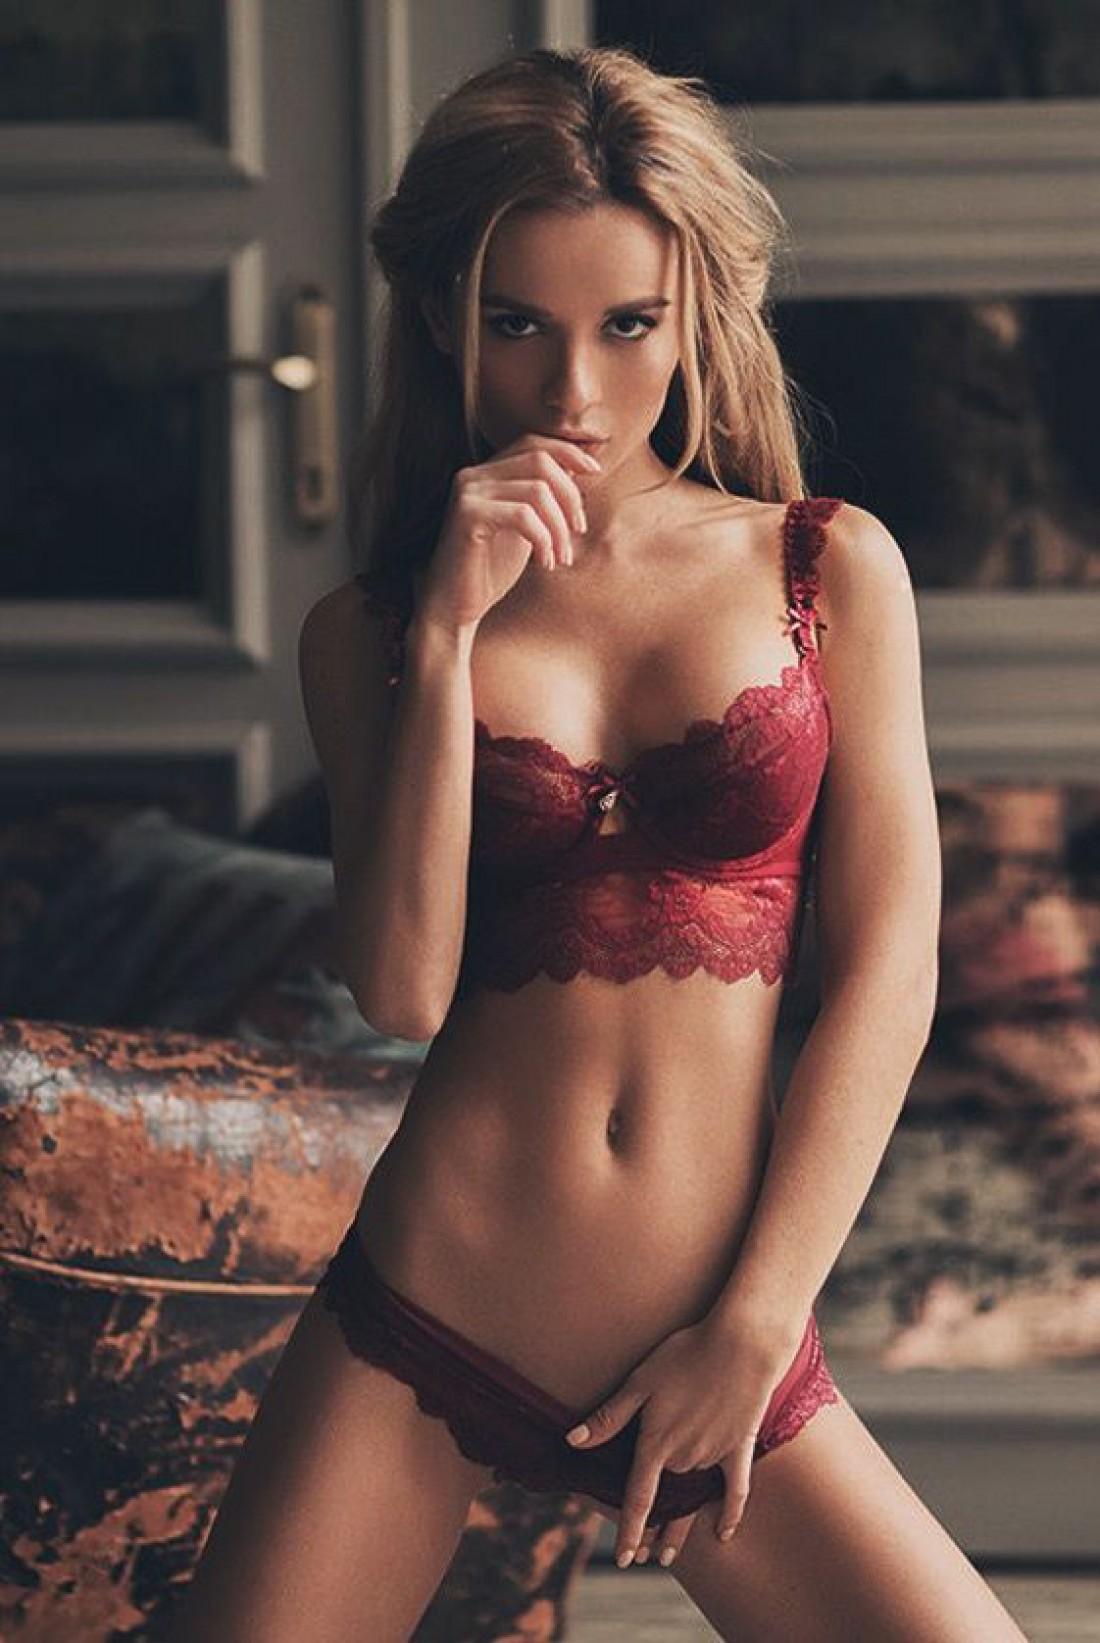 МАСТУРБАЦИЯ - женщины страстно мастурбируют